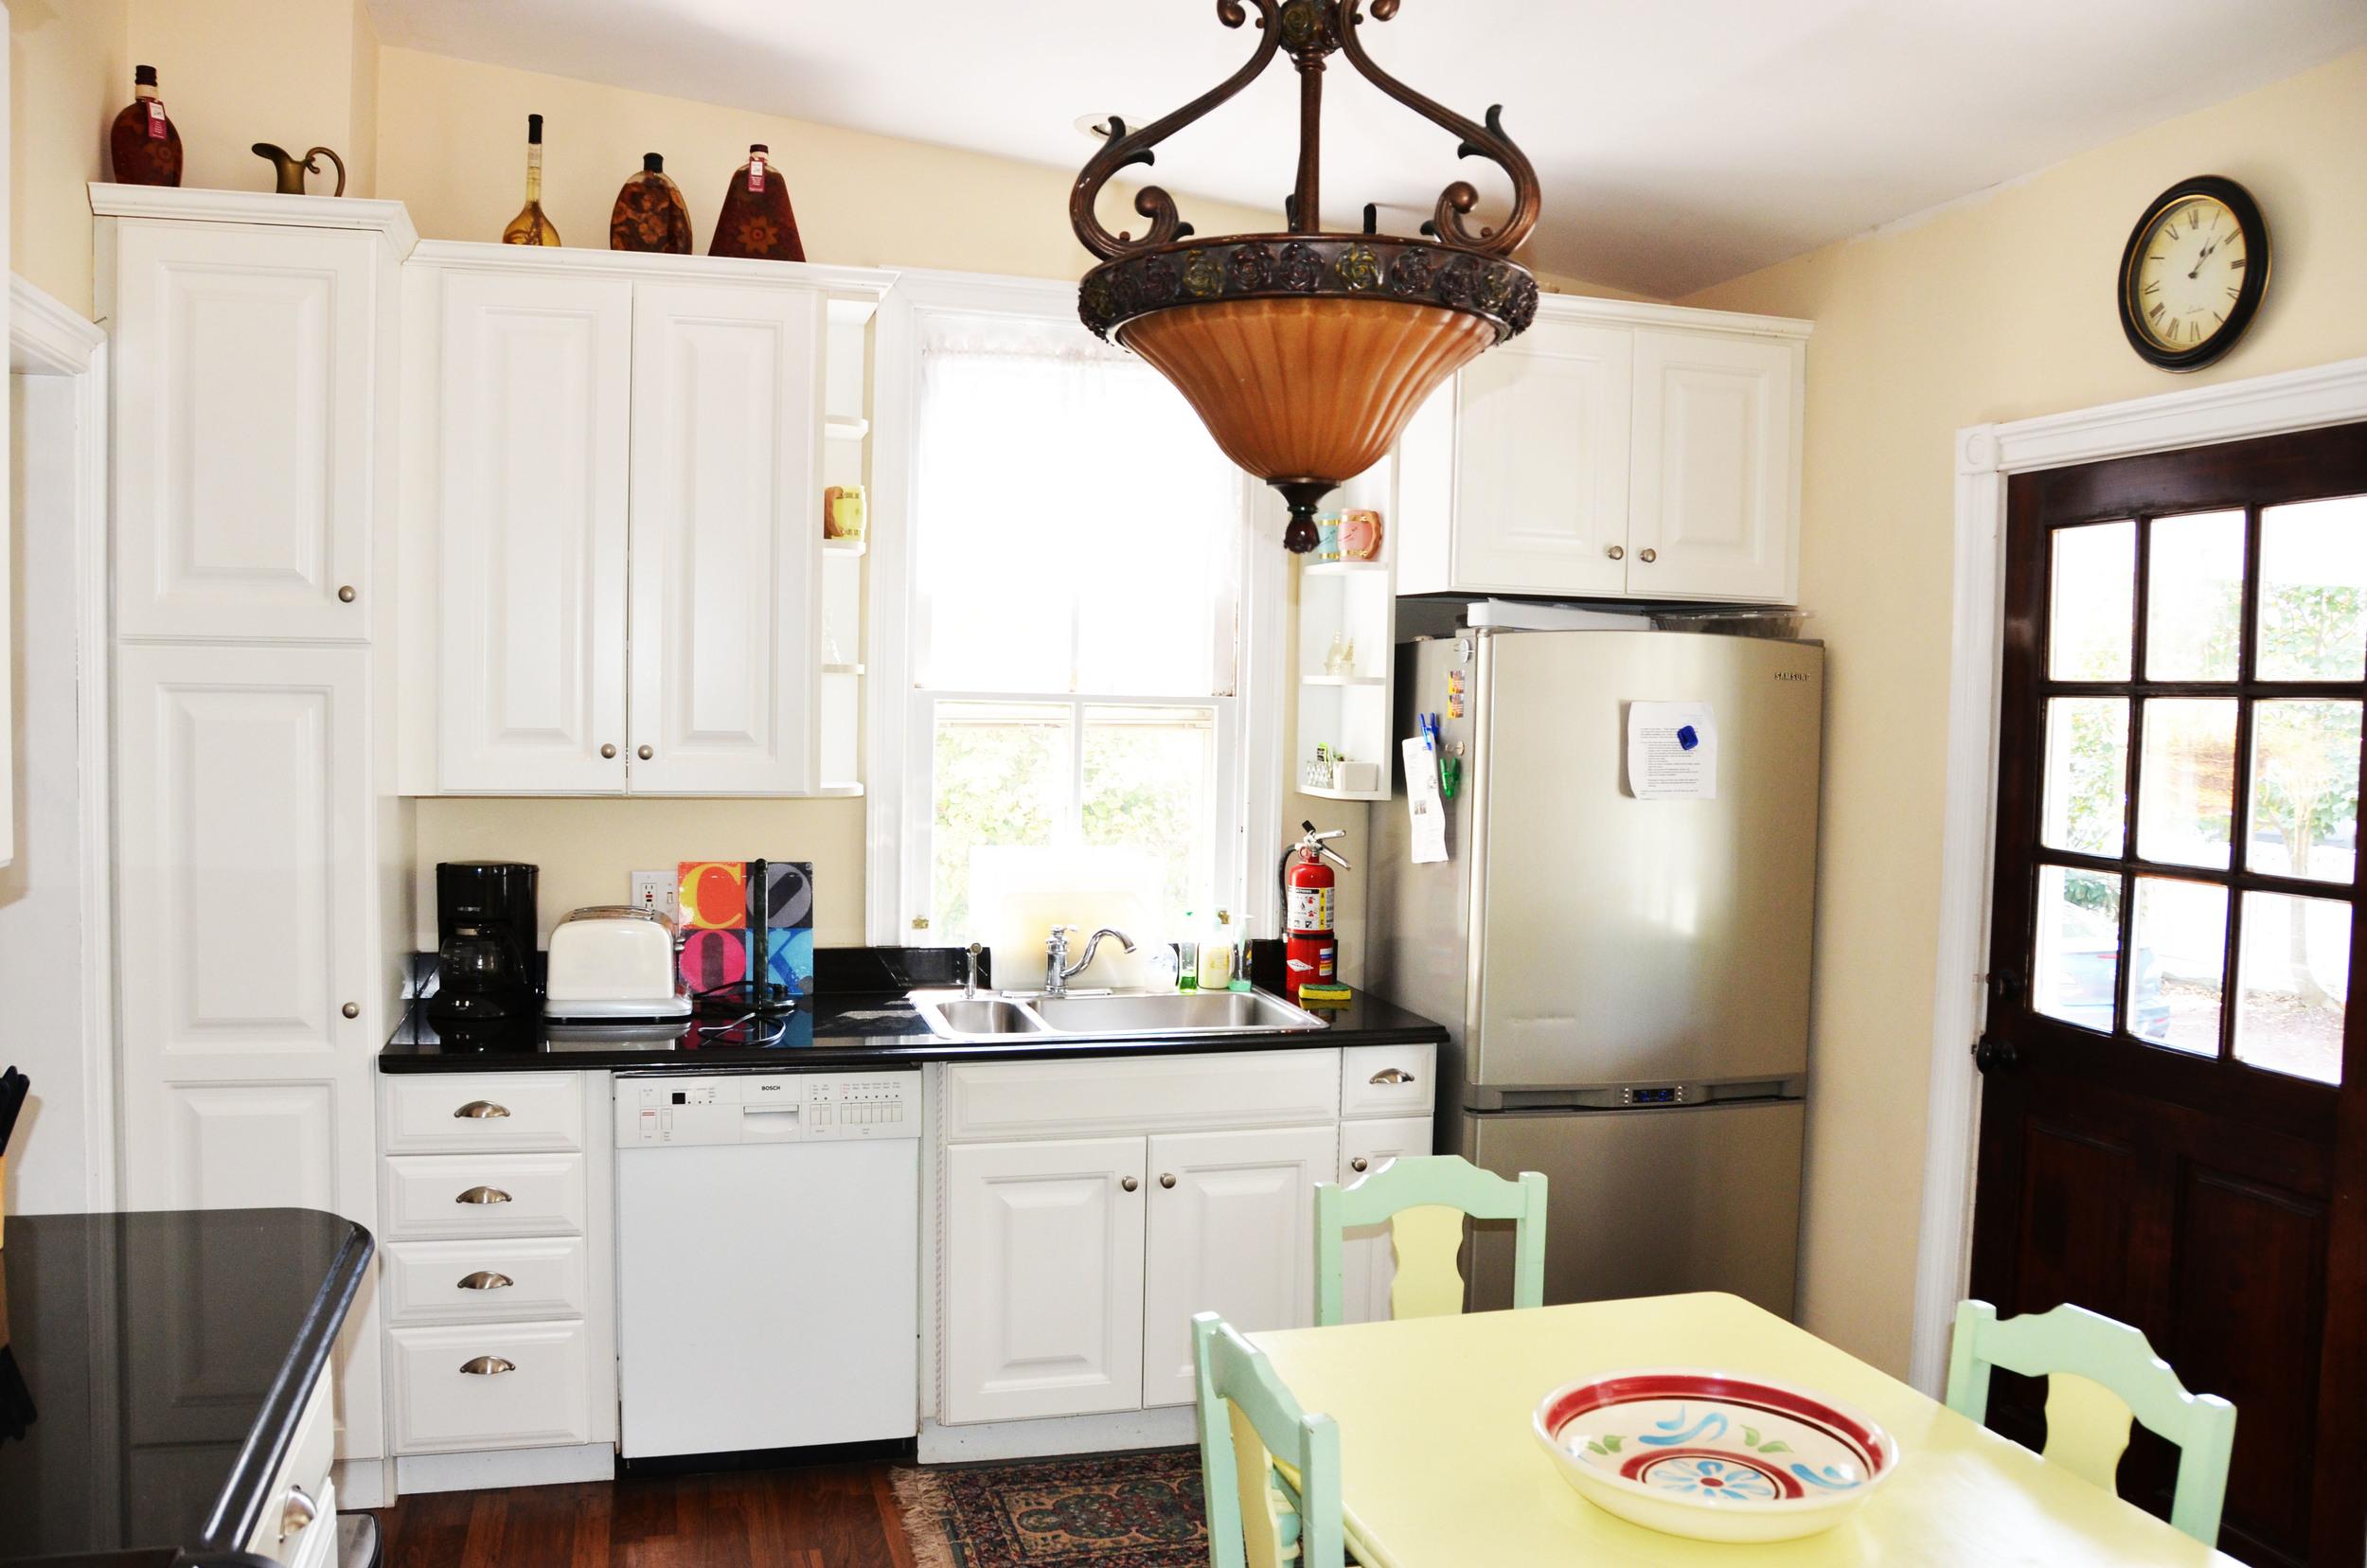 Kitchen2-5 copy.jpg